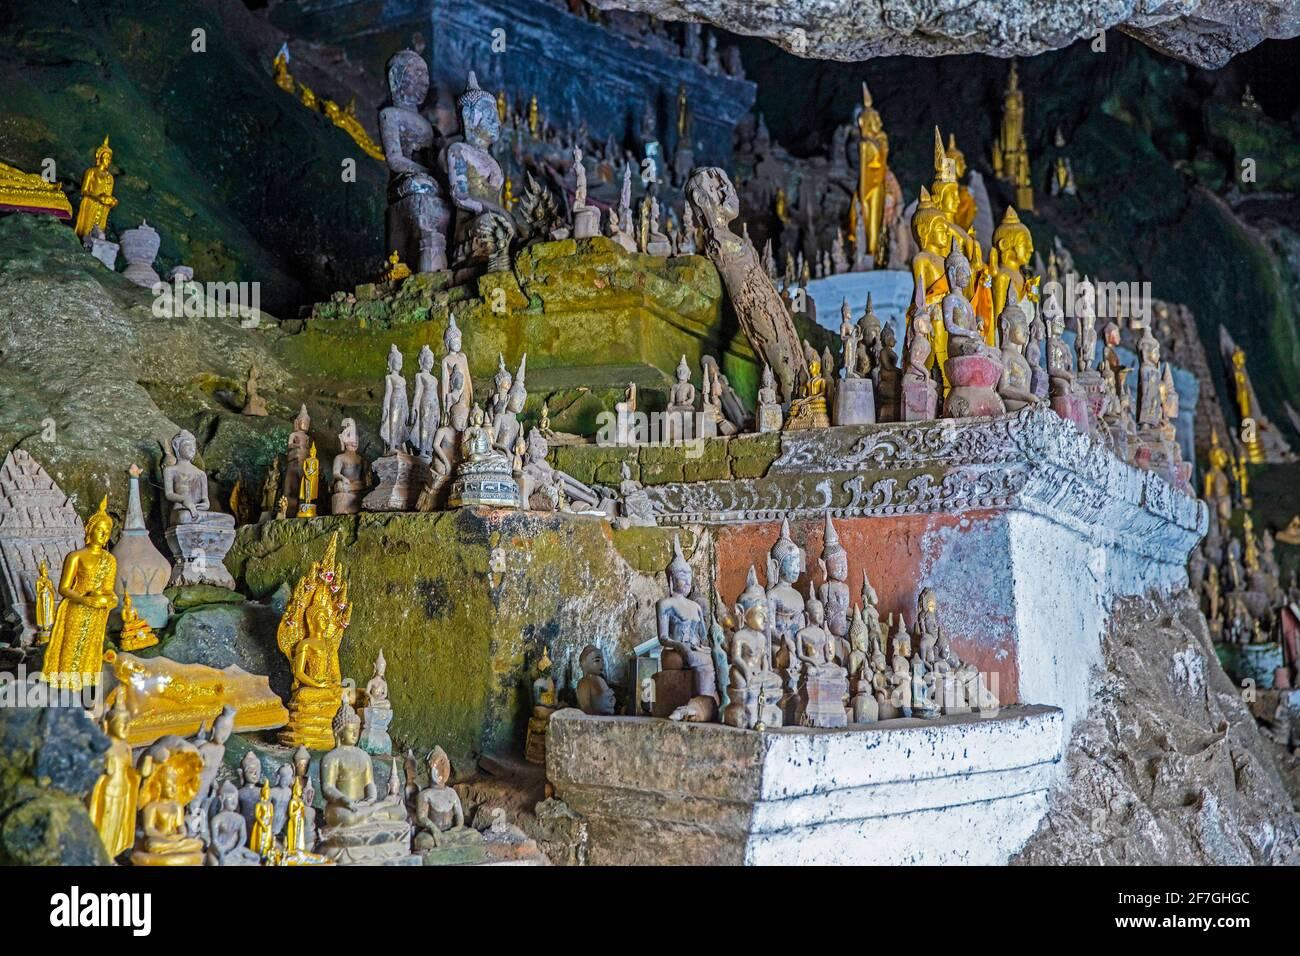 Statues de Bouddha à l'intérieur de la grotte inférieure / Tham Ting aux grottes de Pak ou le long du Mékong près de Luang Phabang / Luang Prabang, Laos Banque D'Images